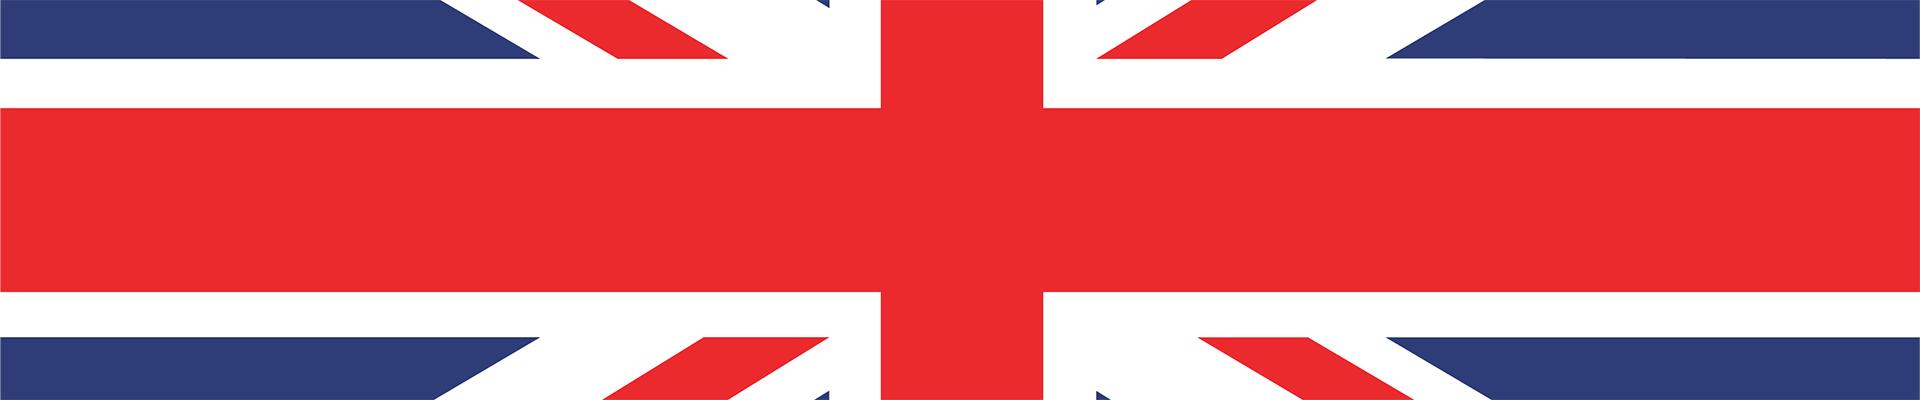 Comment regarder la gymnastique olympique en direct au Royaume-Uni - Drapeau britannique